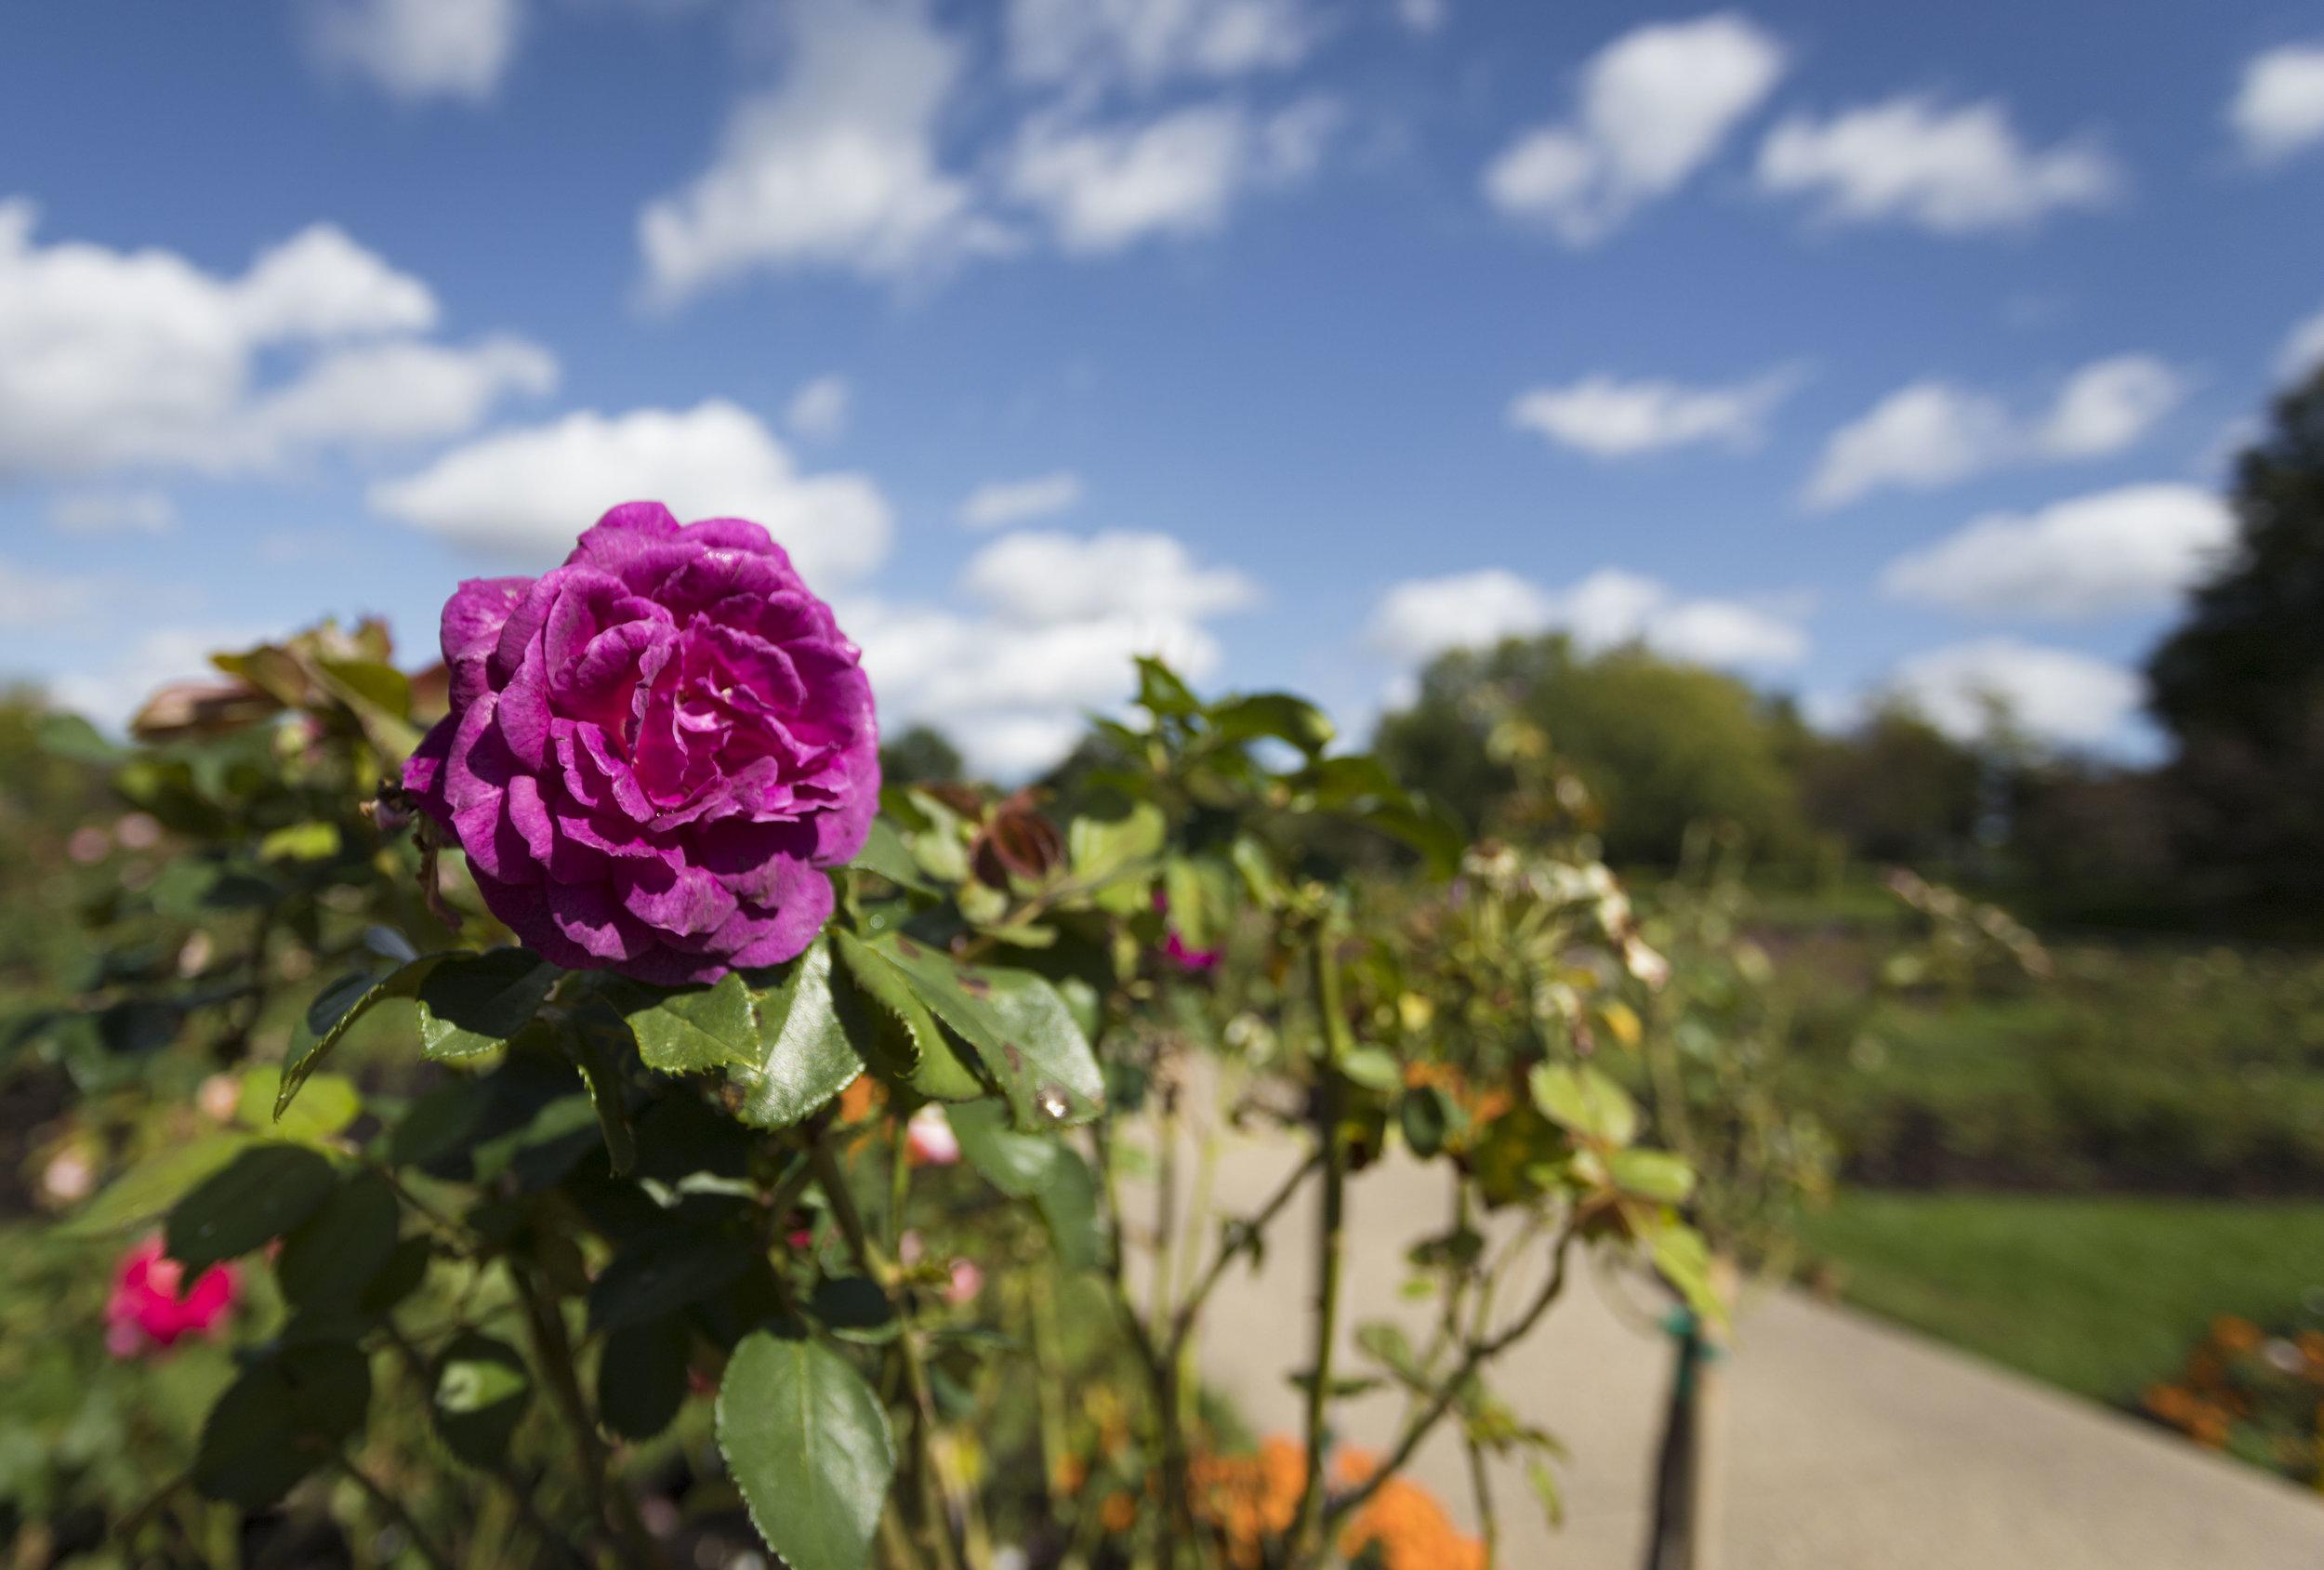 september 27, 2017  lyndale park rose garden - minneapolis, minnesota